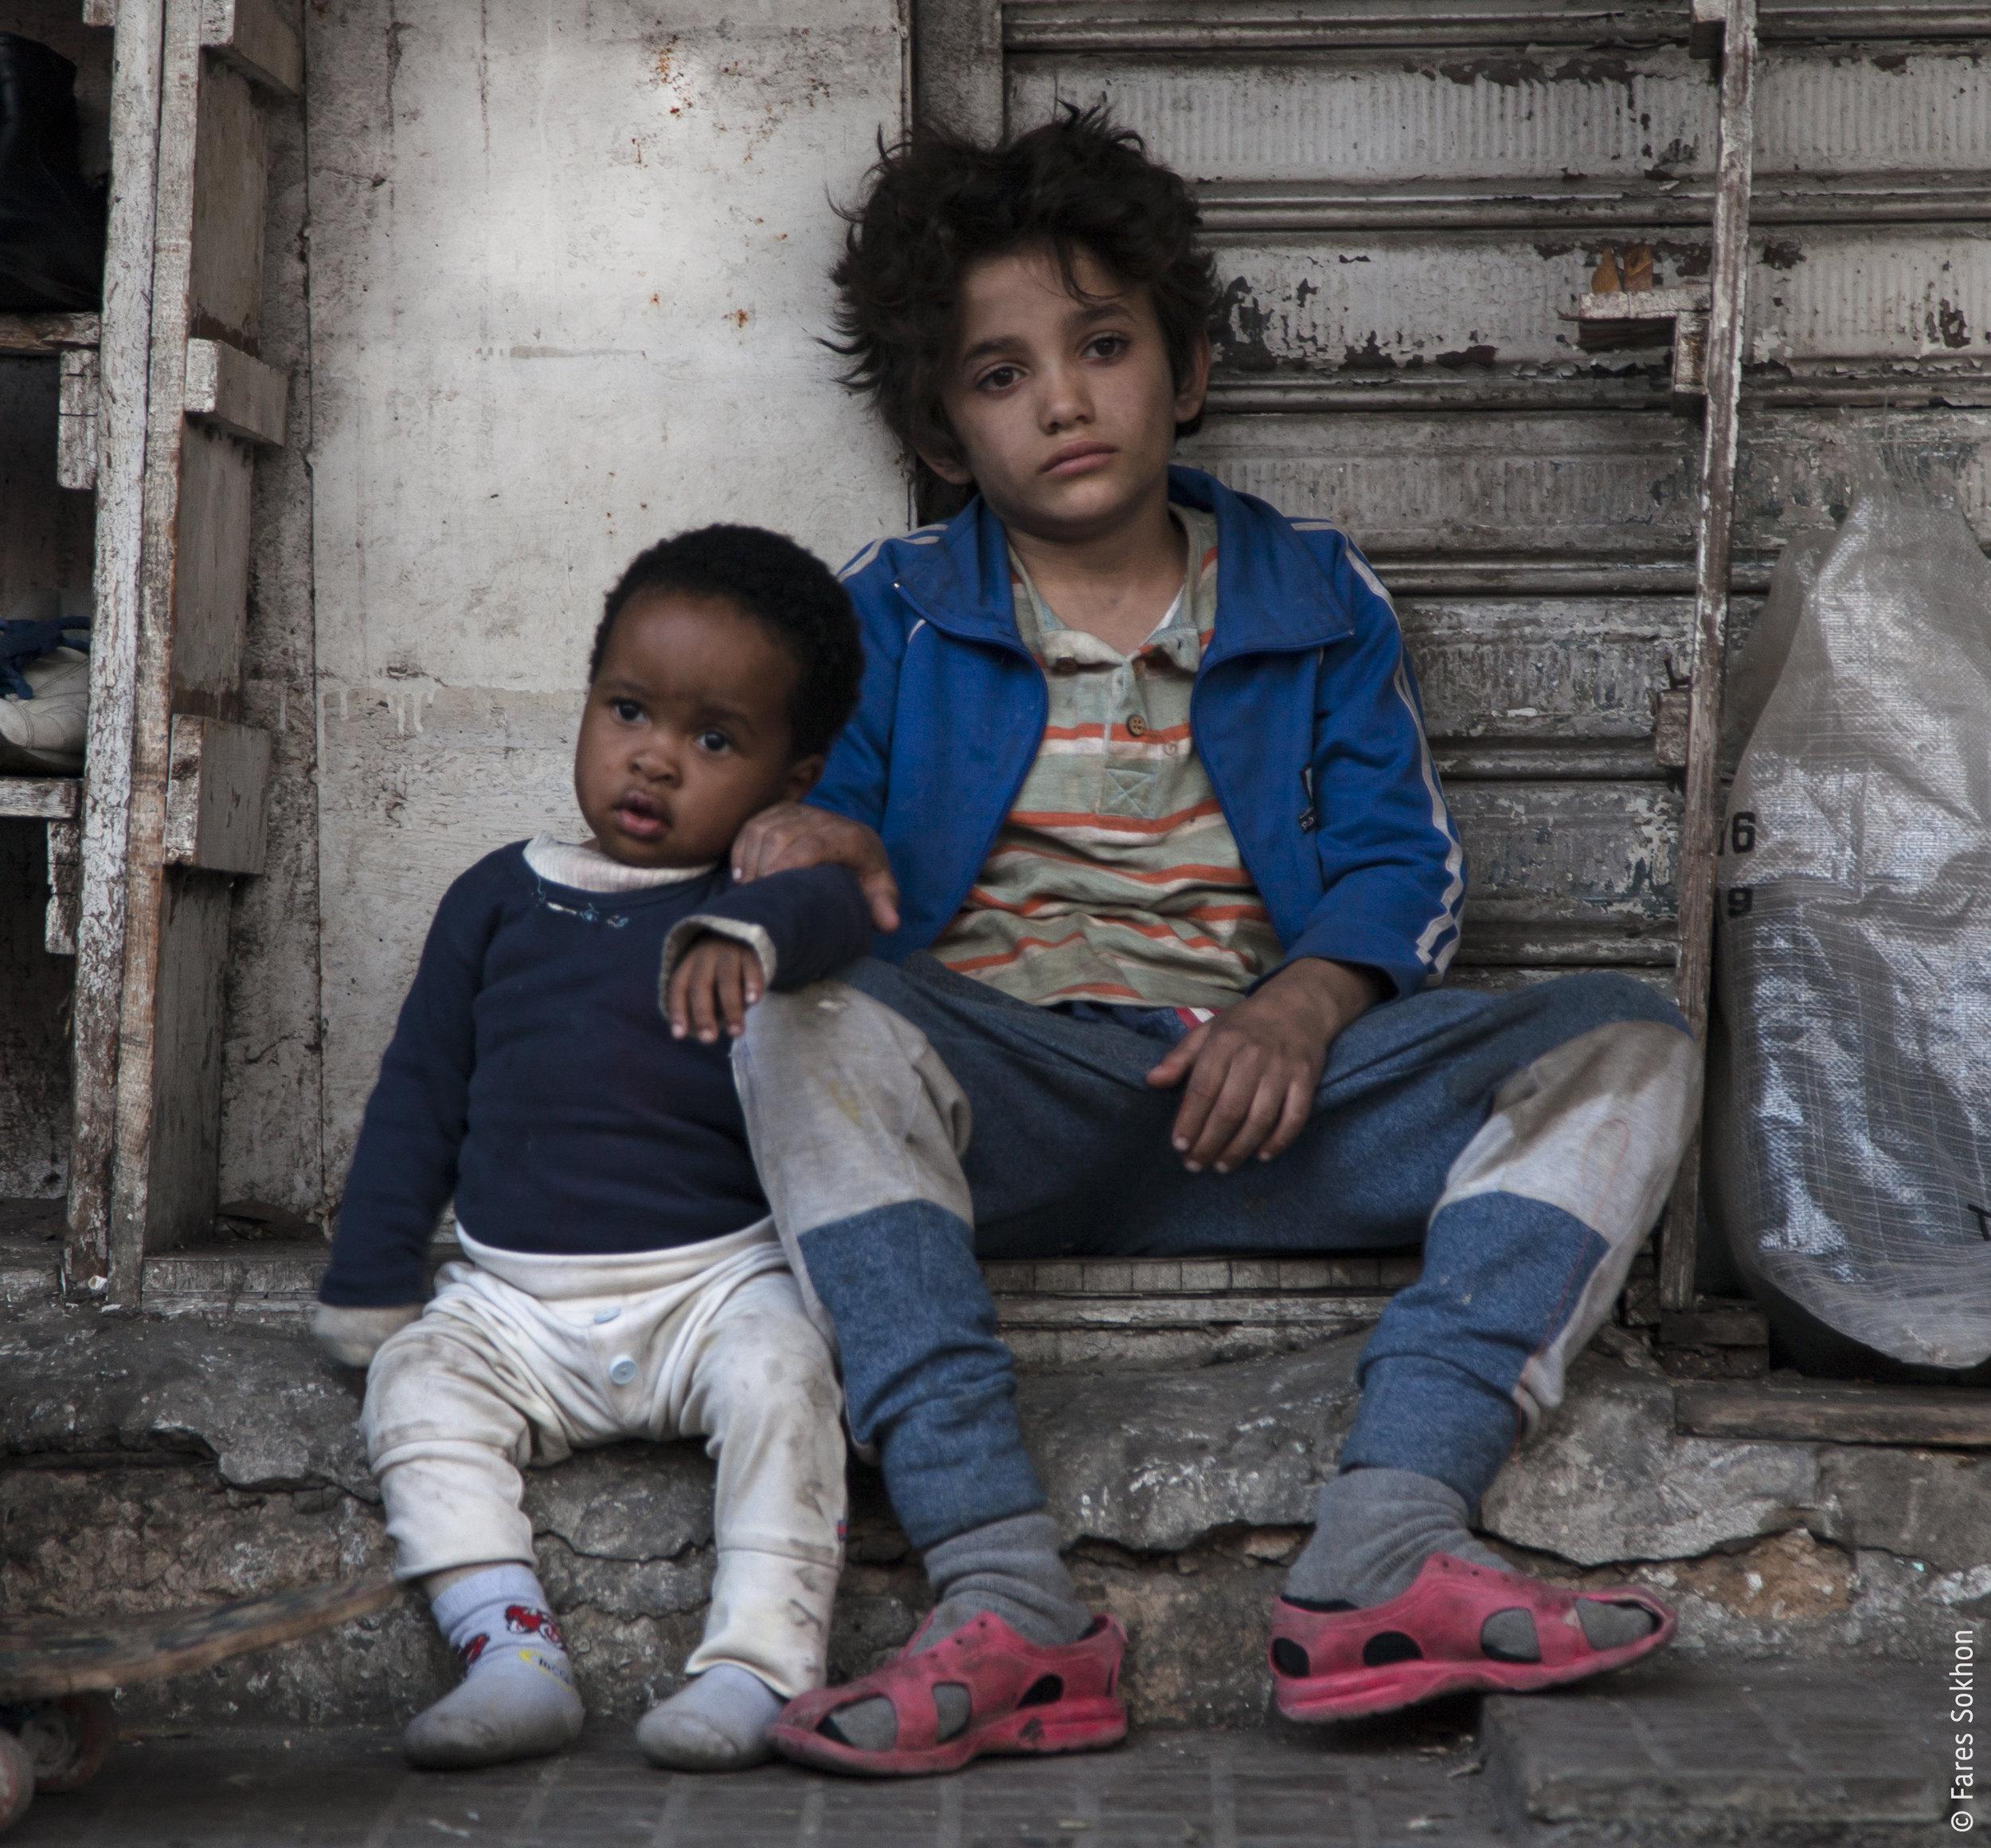 Zain (Zain Al Rafeea) og smårollingen (Boluwatife Treasure Bankole) til Tigest mangler begge ID-papirer. Er de da ikke barn med rettigheter? (Foto: Arthaus)